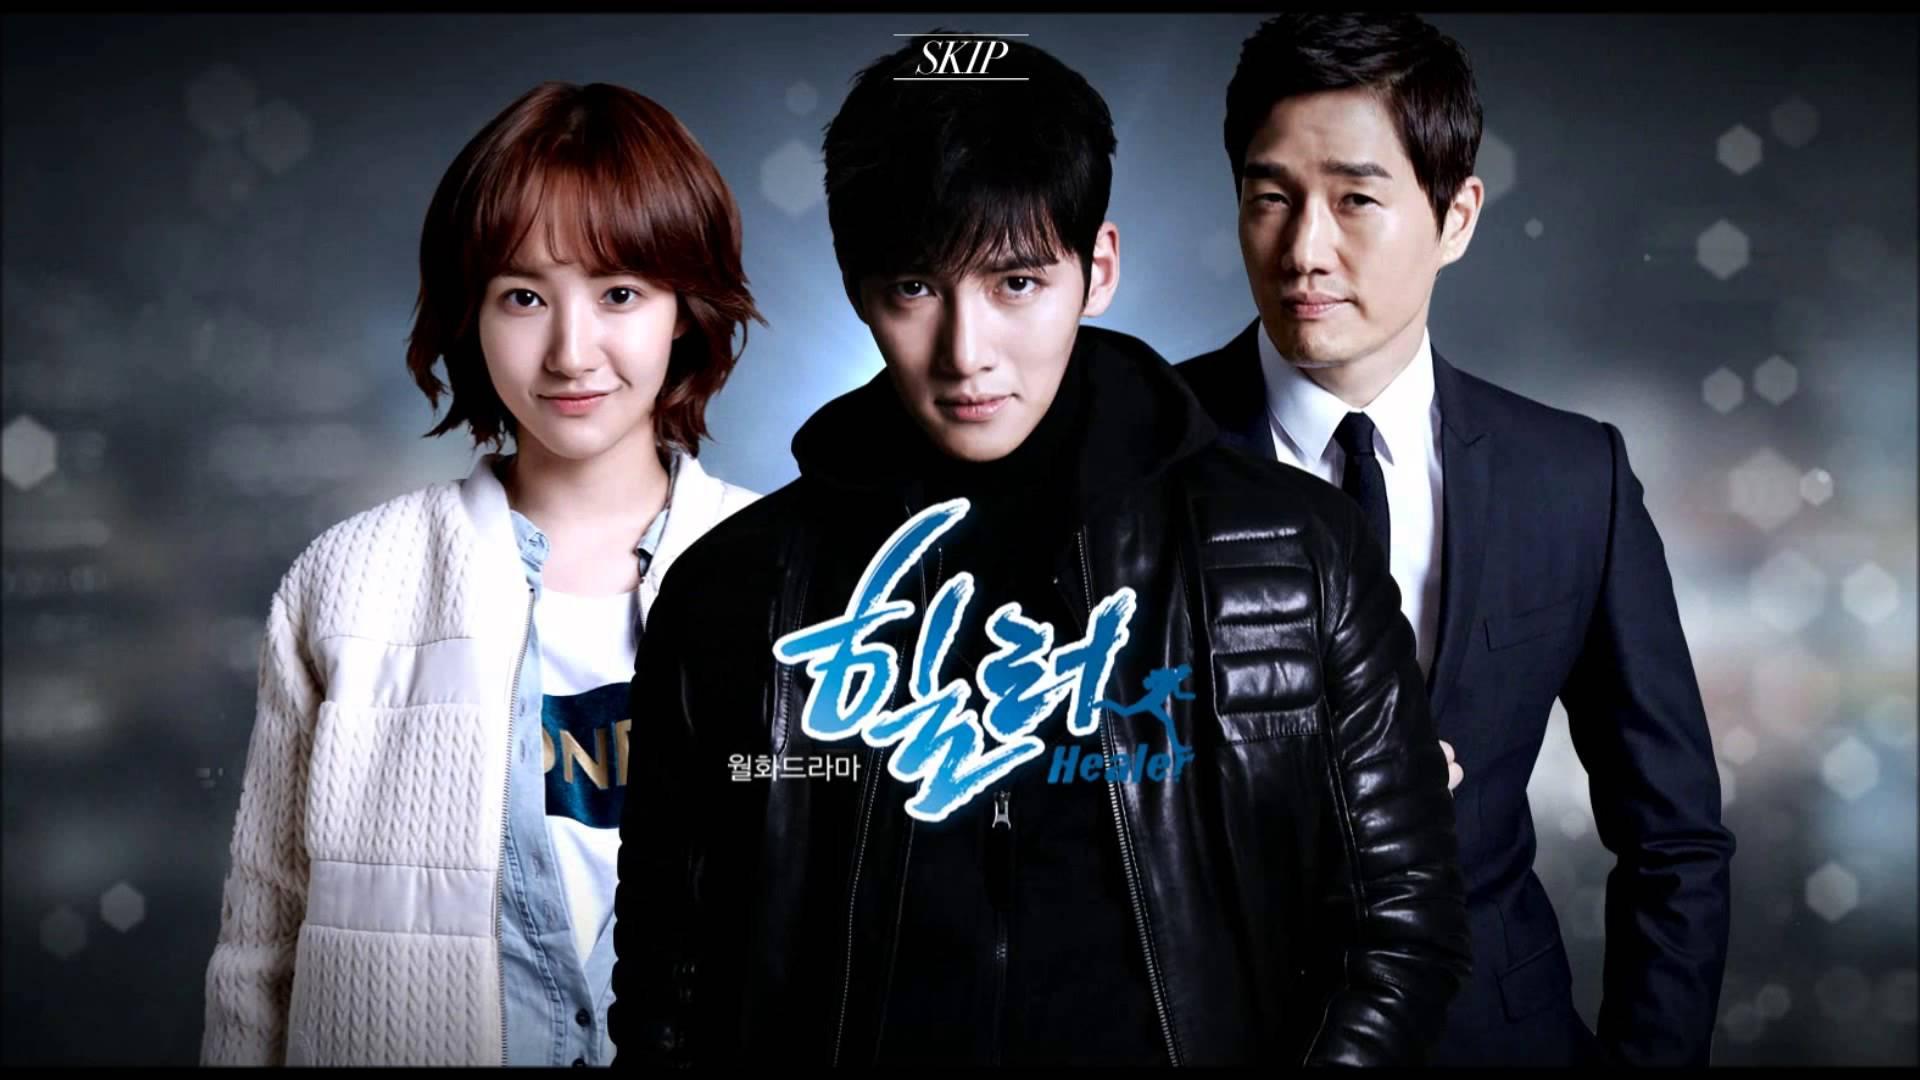 foto de 31+] Korean Movies Wallpapers on WallpaperSafari